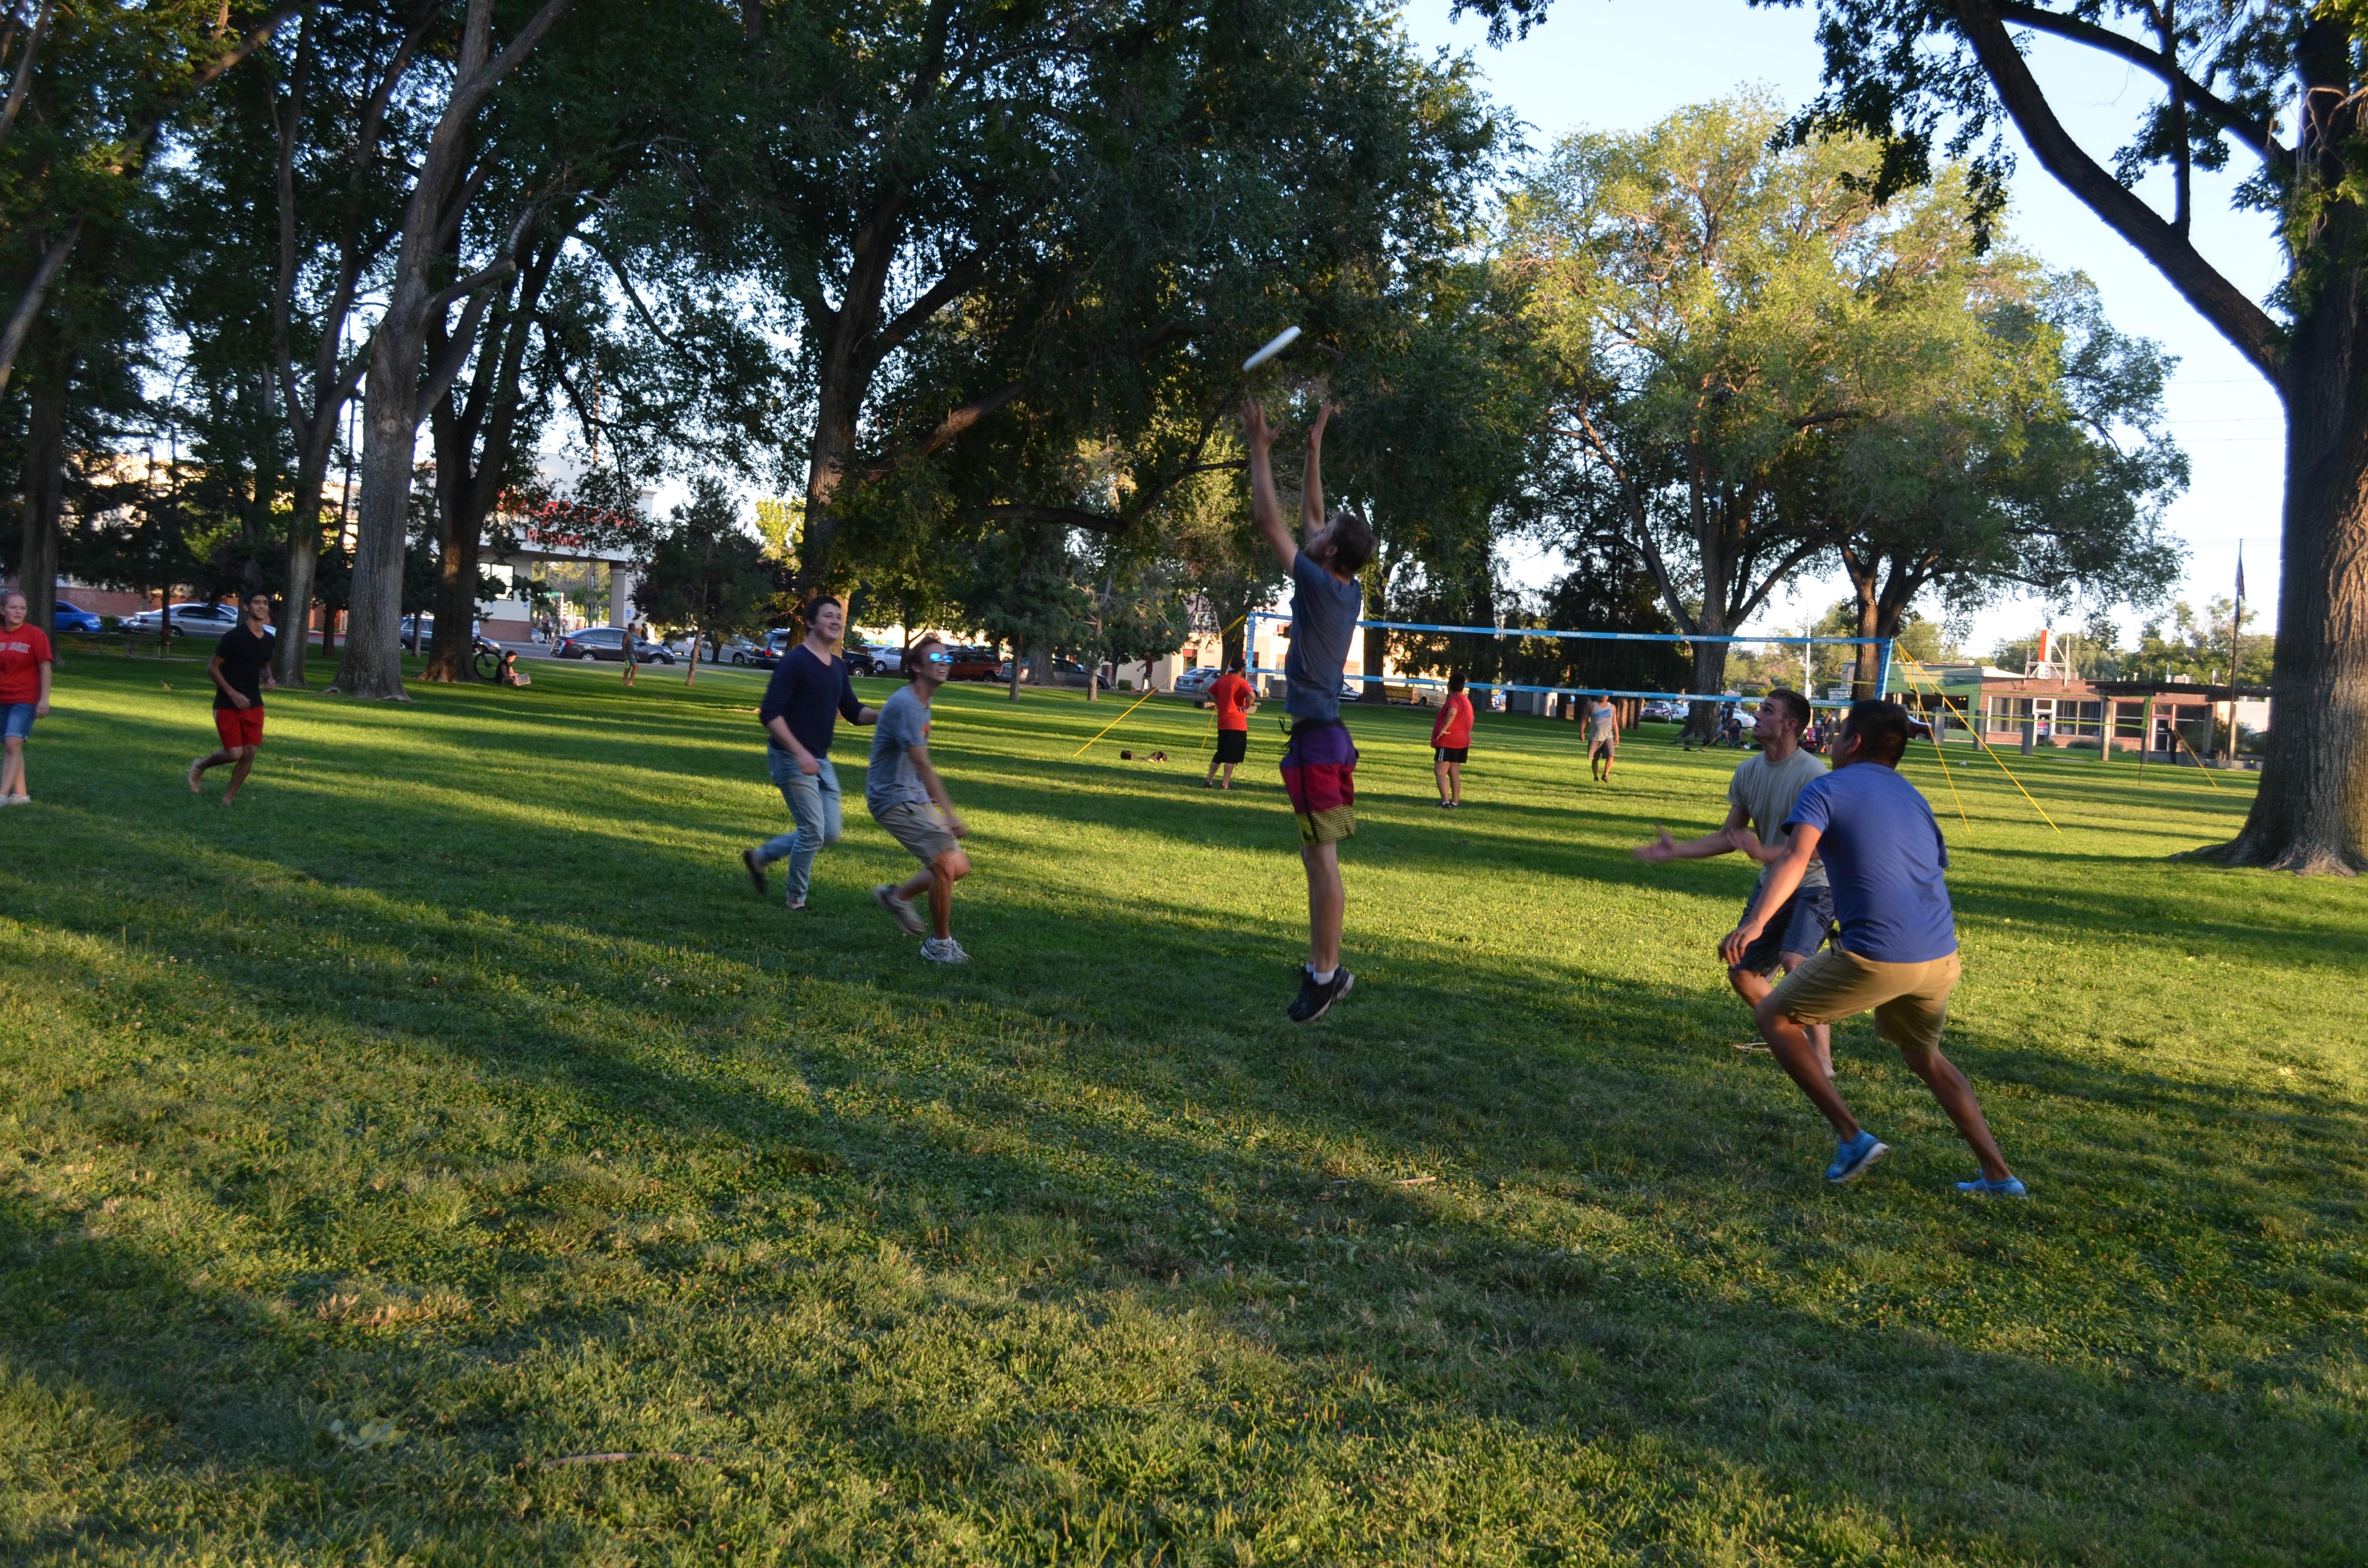 Étudiant jouant au frisbee.